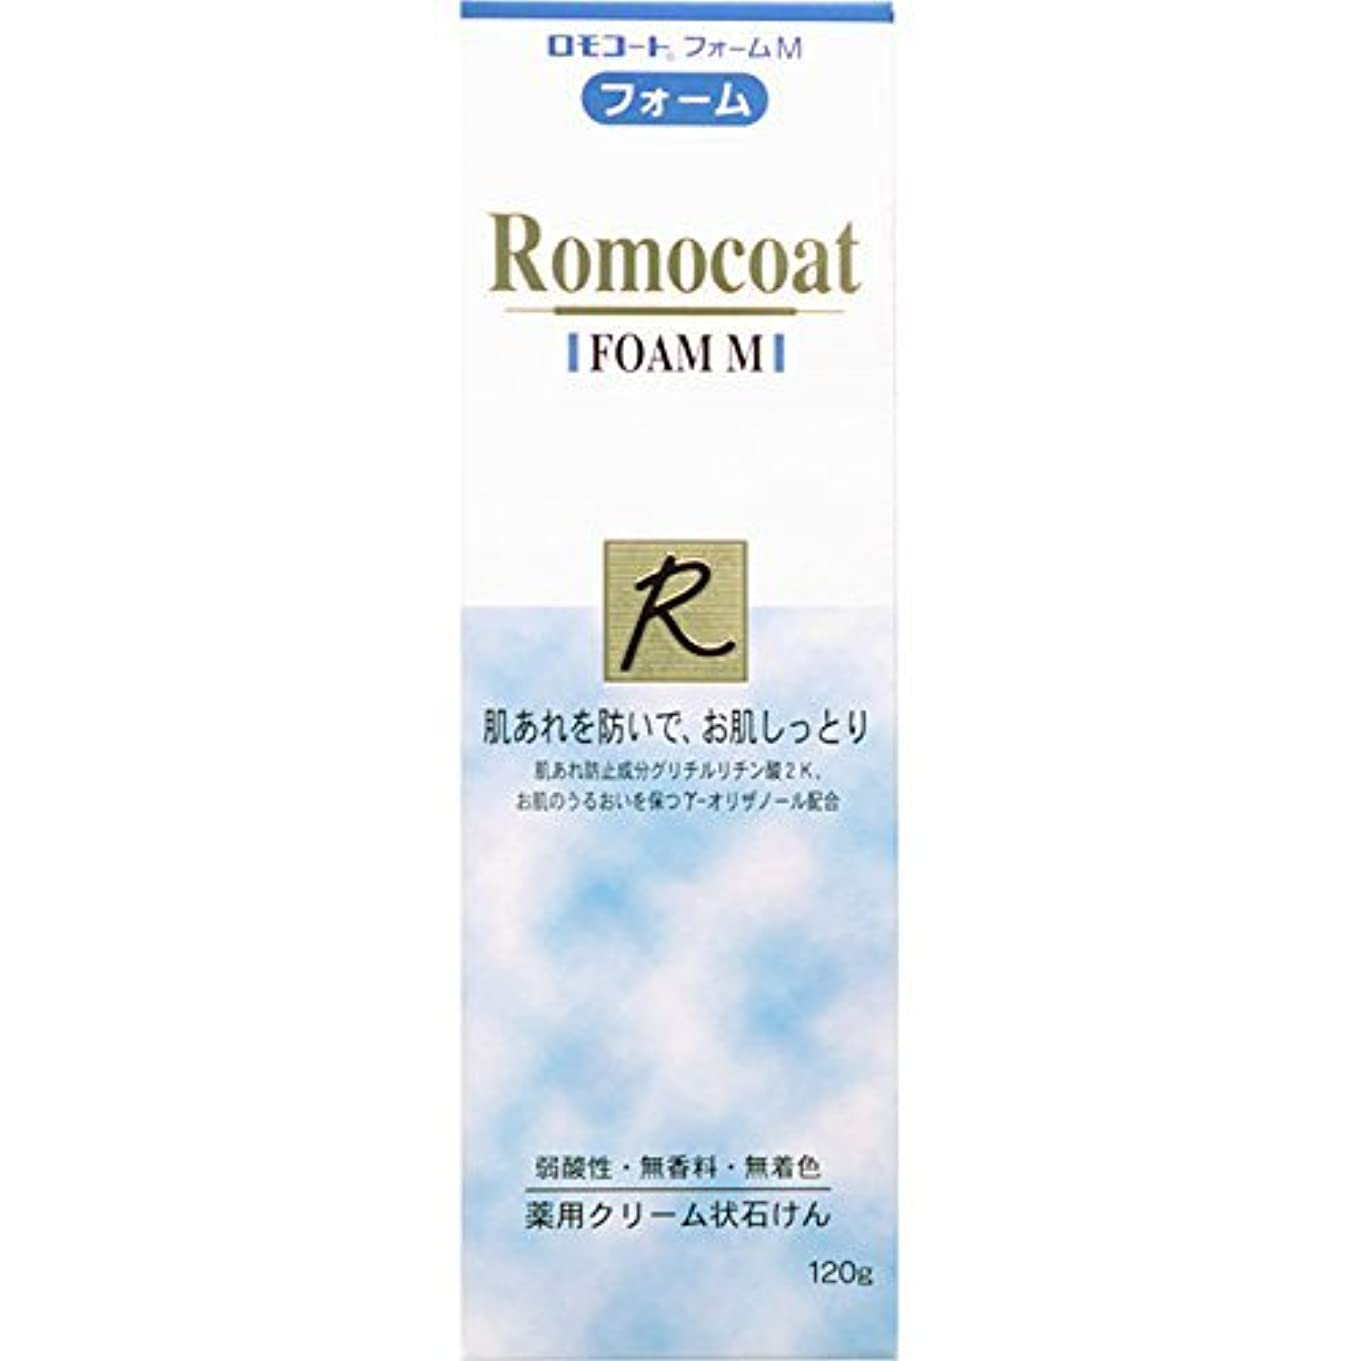 スタンドスナックマッシュ【2個】ロモコートフォームM 120gx2個 (4987305032621-2)